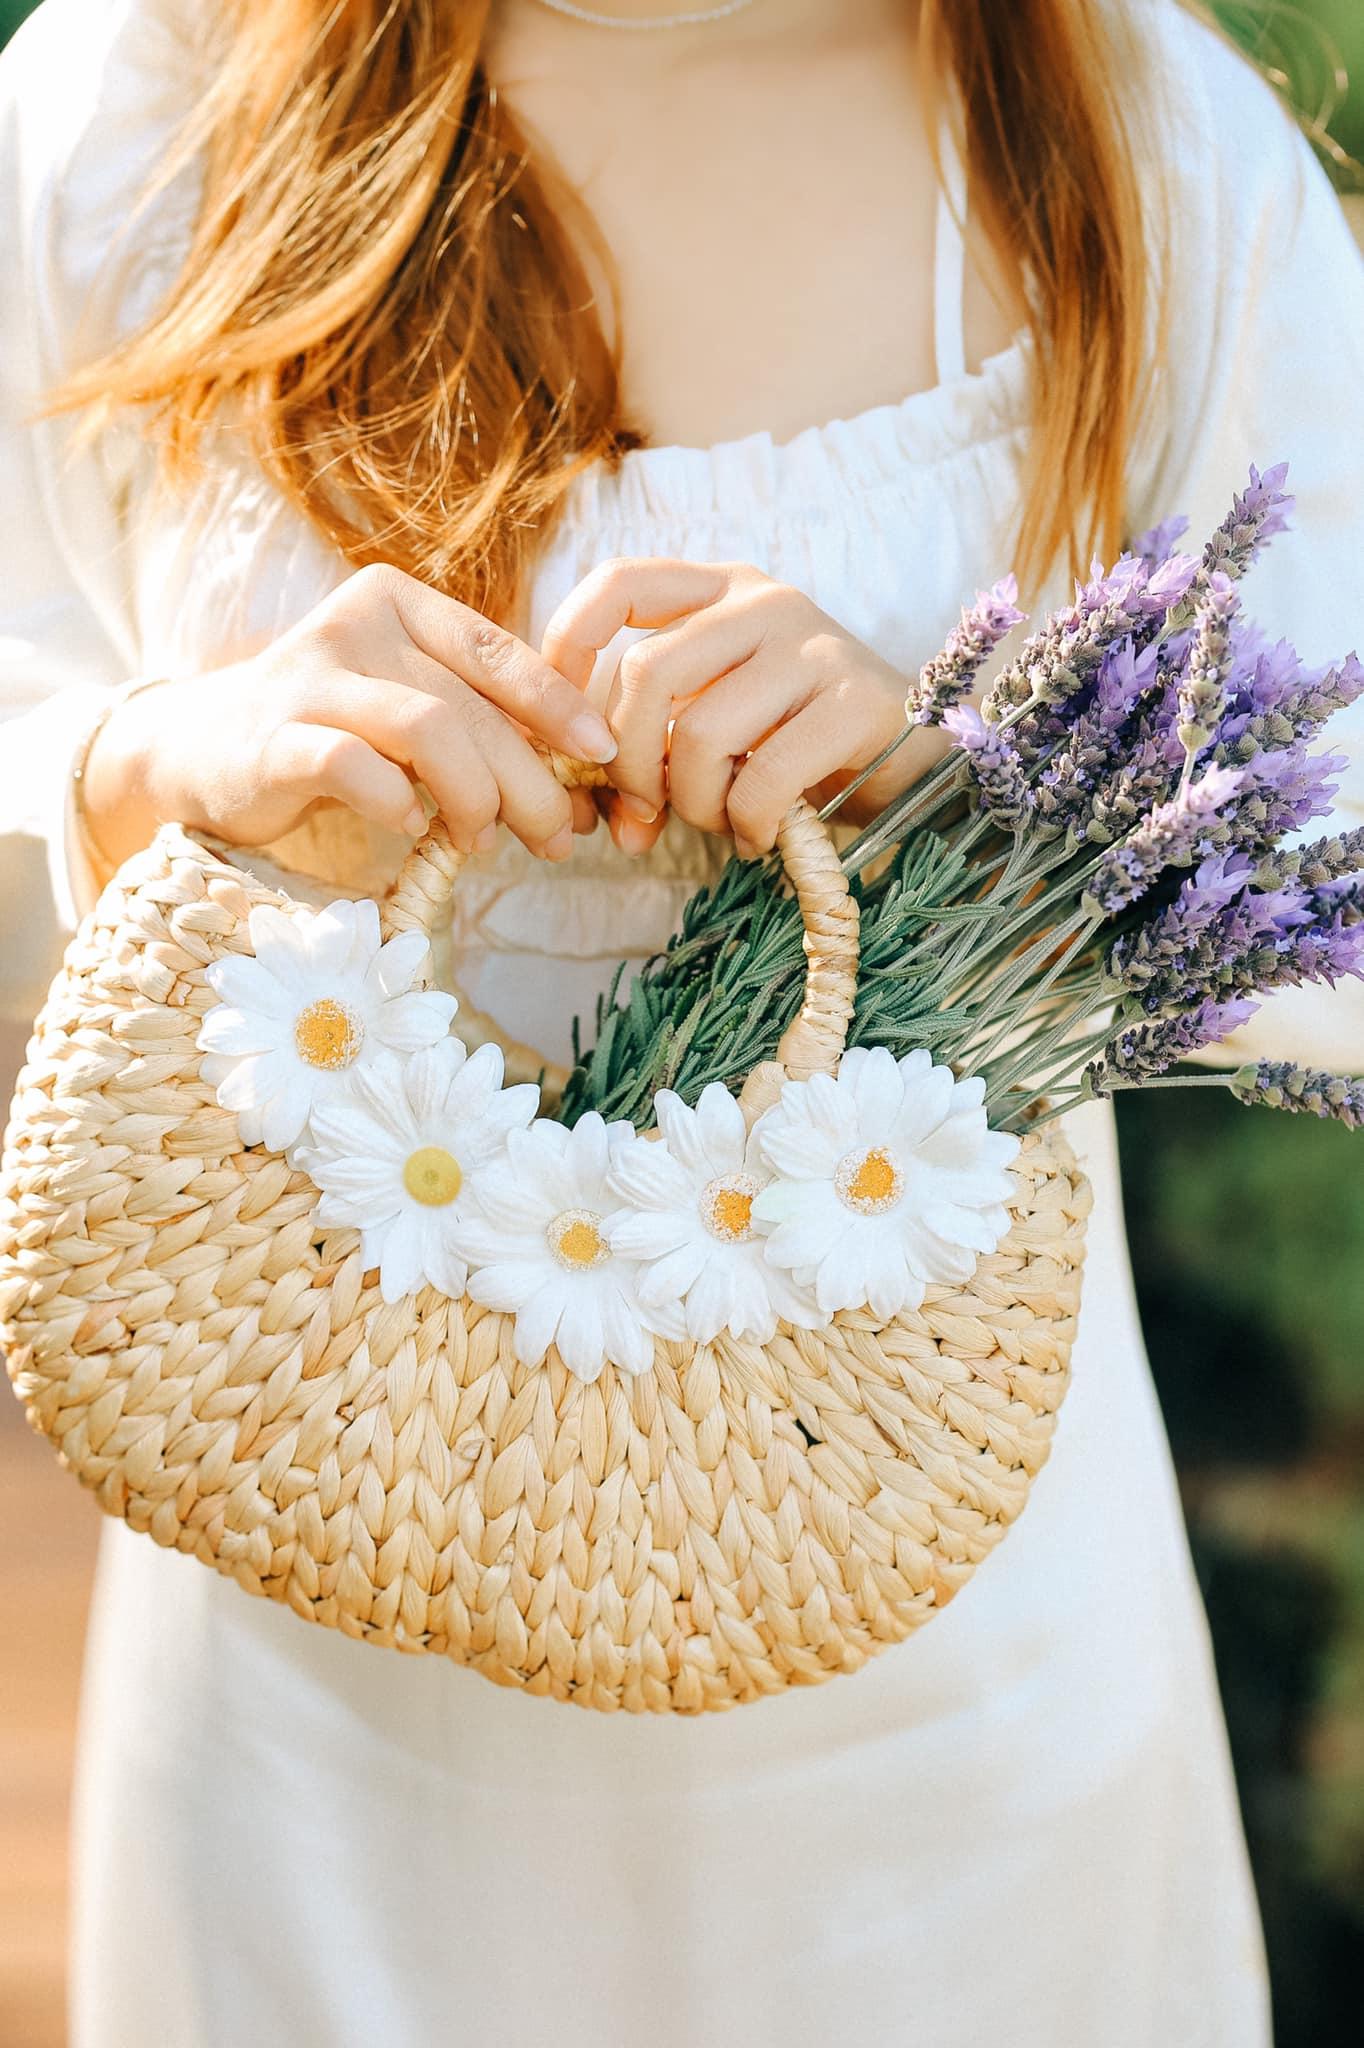 Check-in Vườn hoa lavender Túi Thương Nhớ, điểm đến 'mới toanh' tại Đà Lạt  - Ảnh 4.